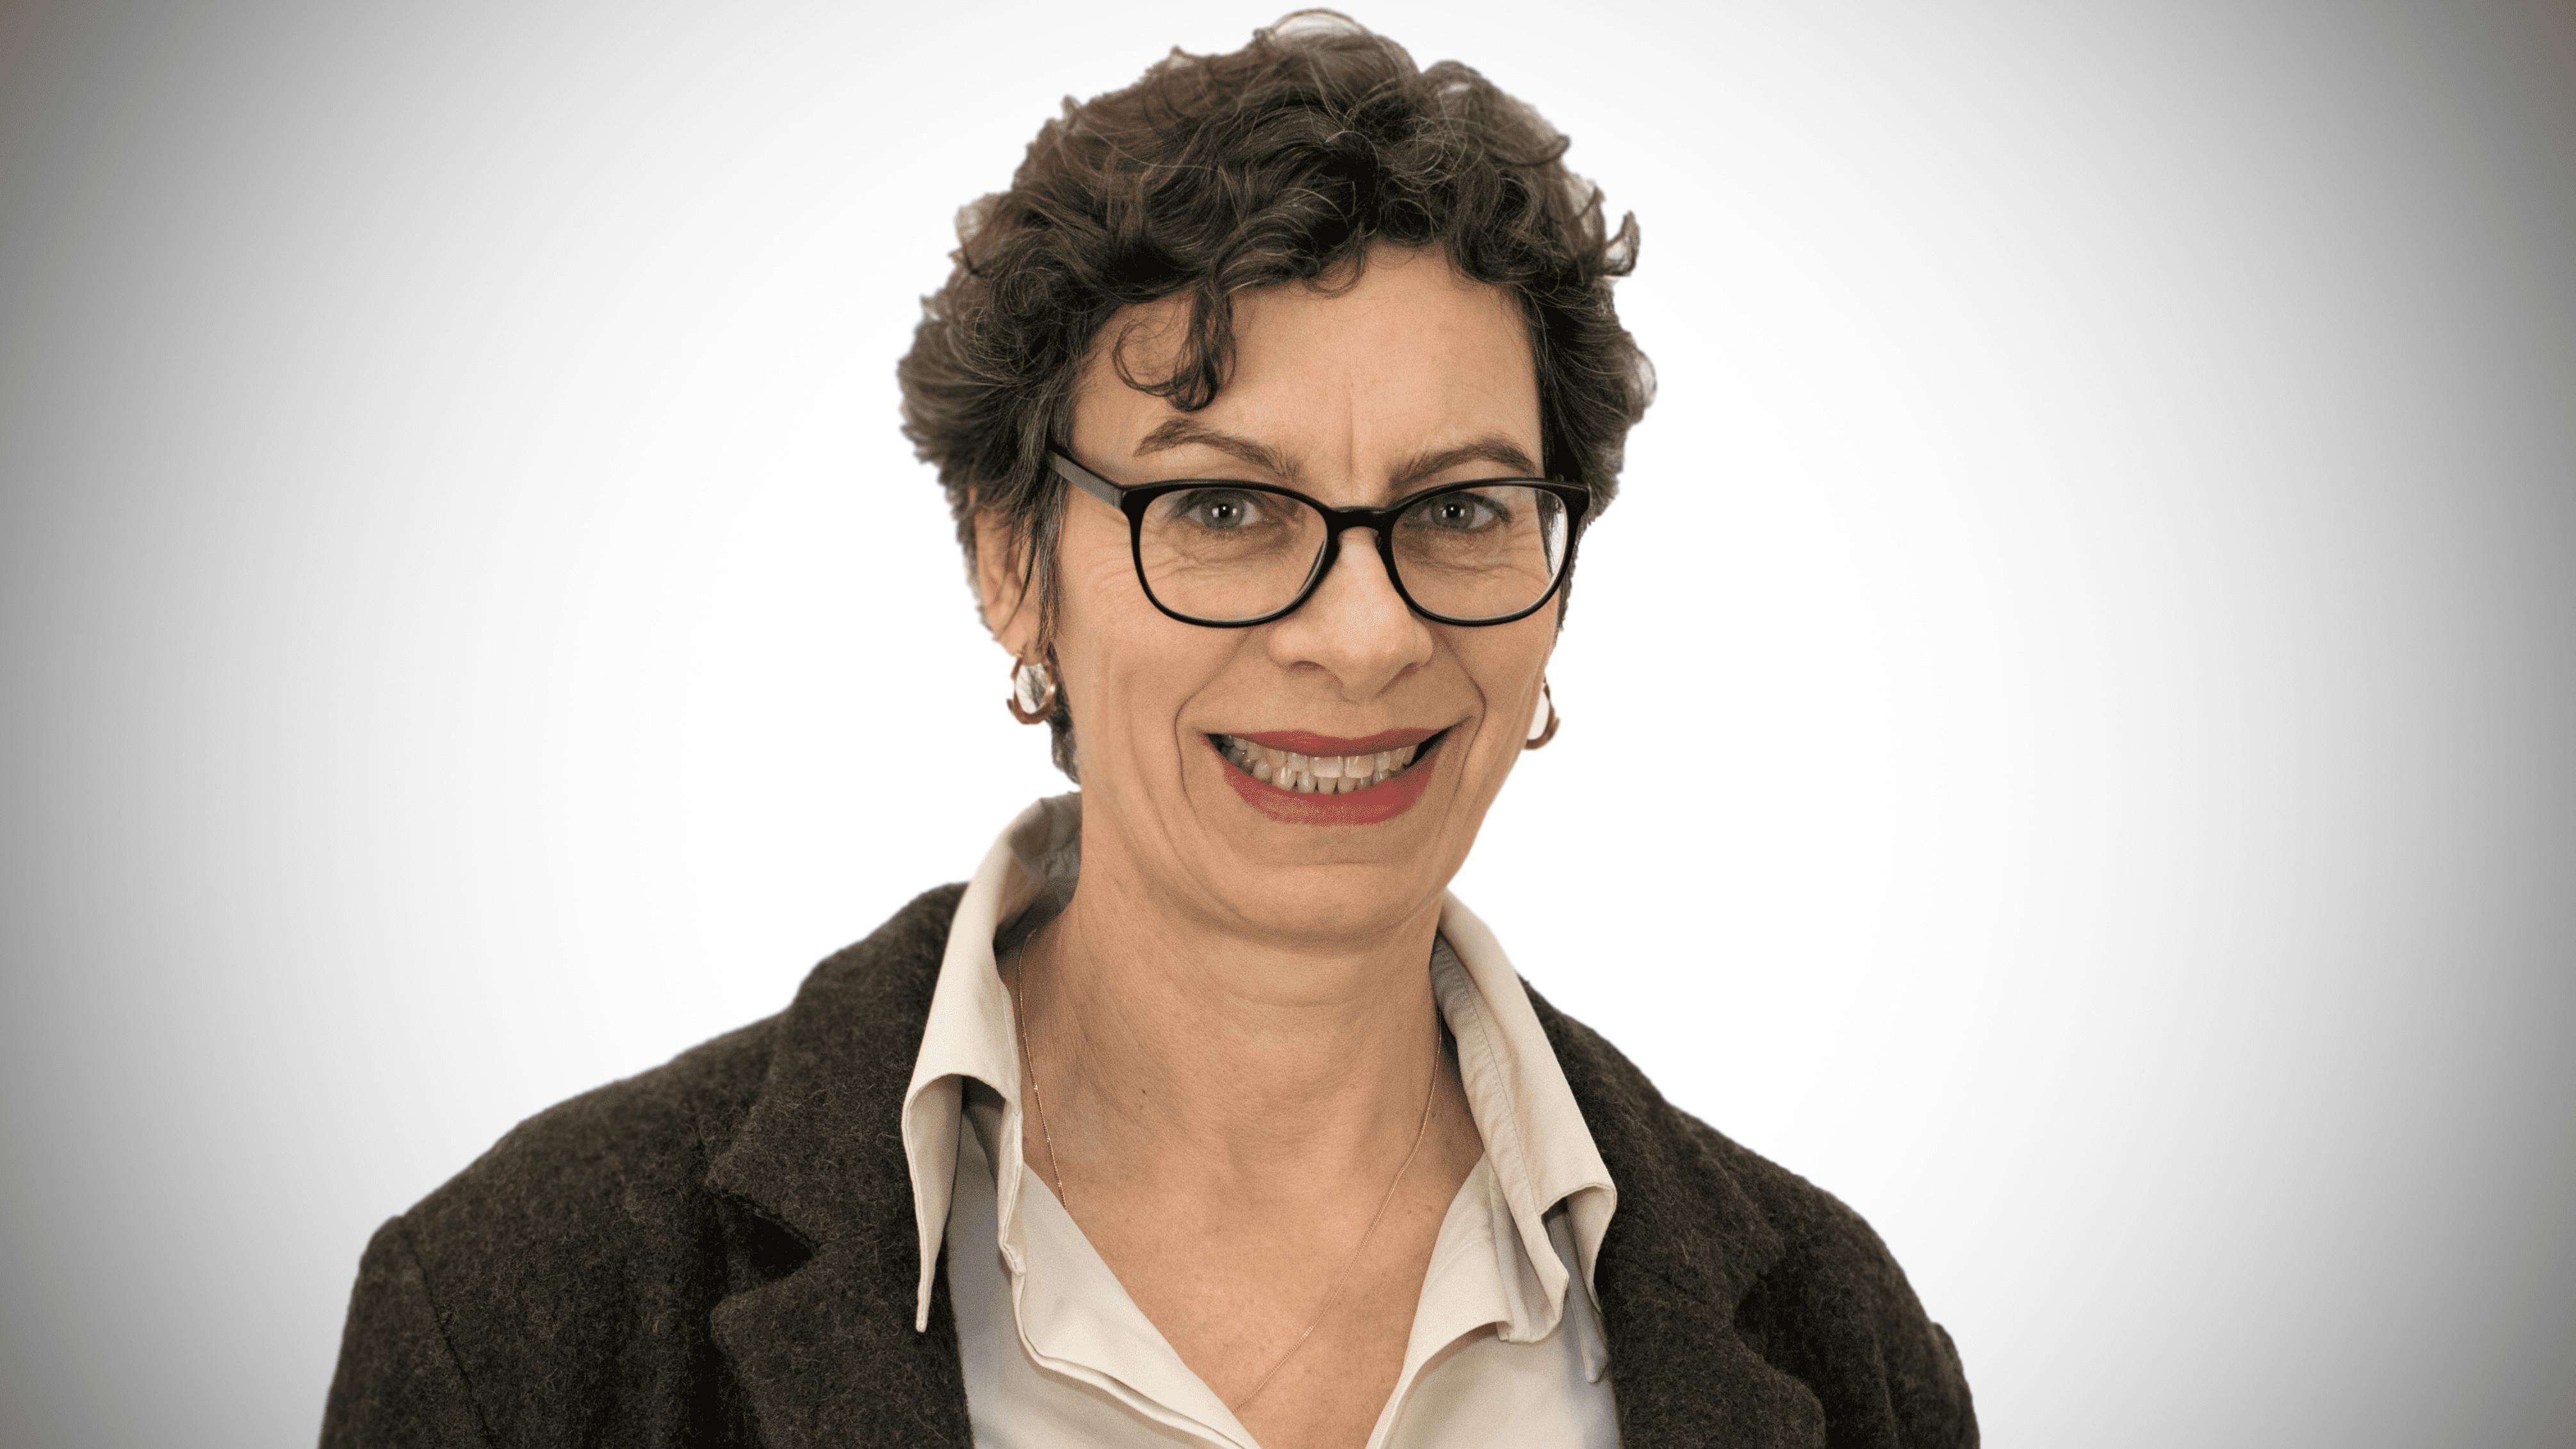 Jeanette-Hofmann_final_16x9